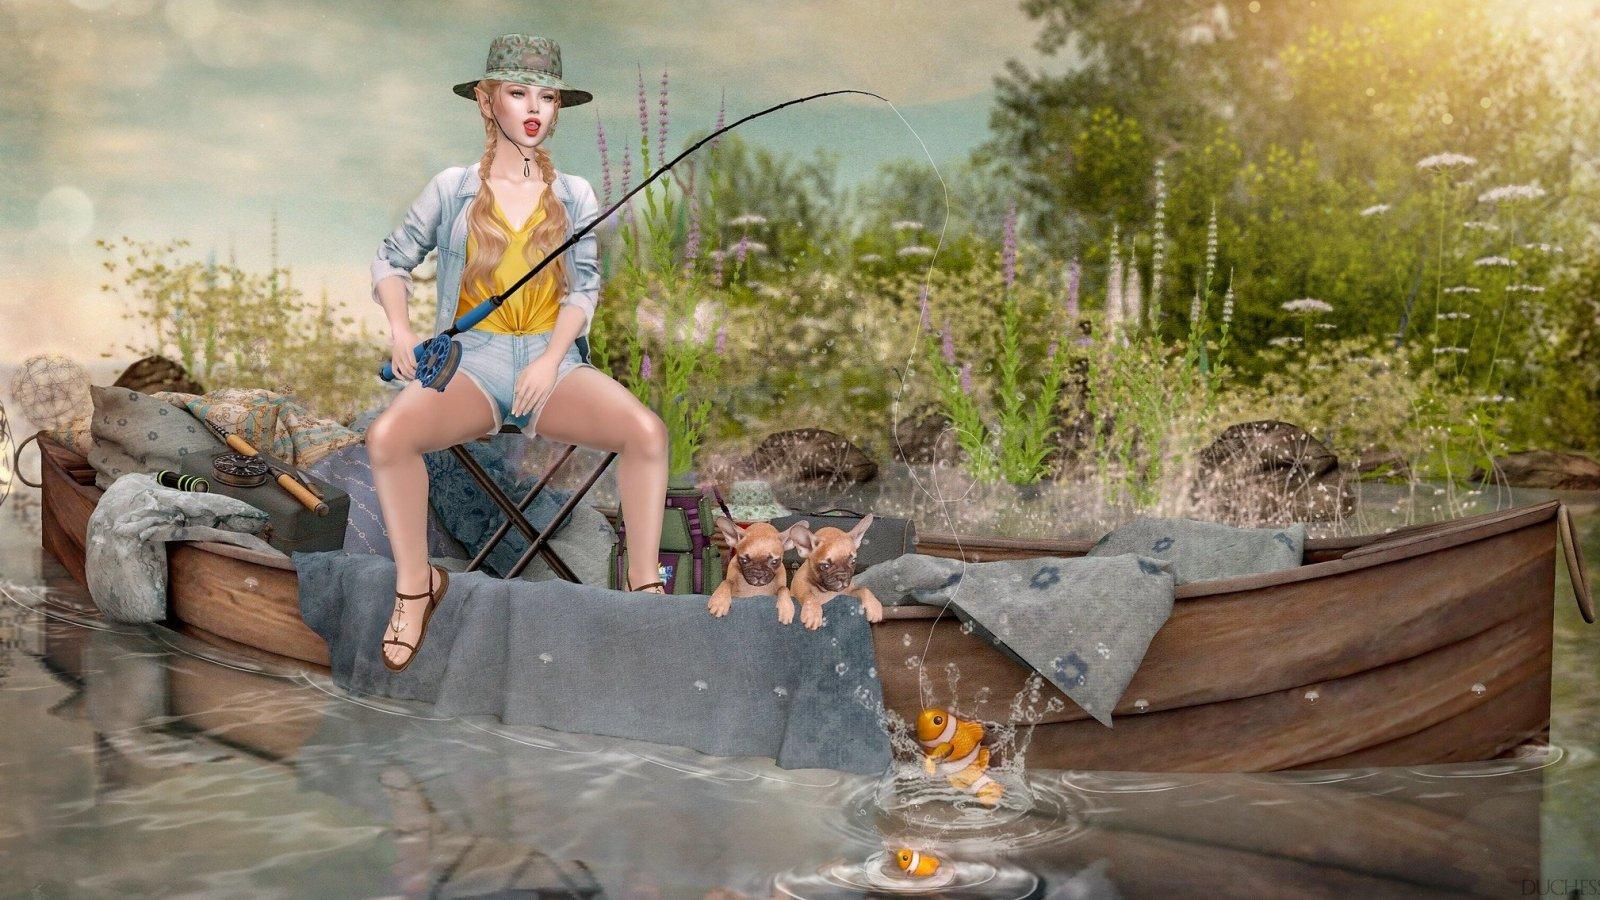 Mad Fishing Skills